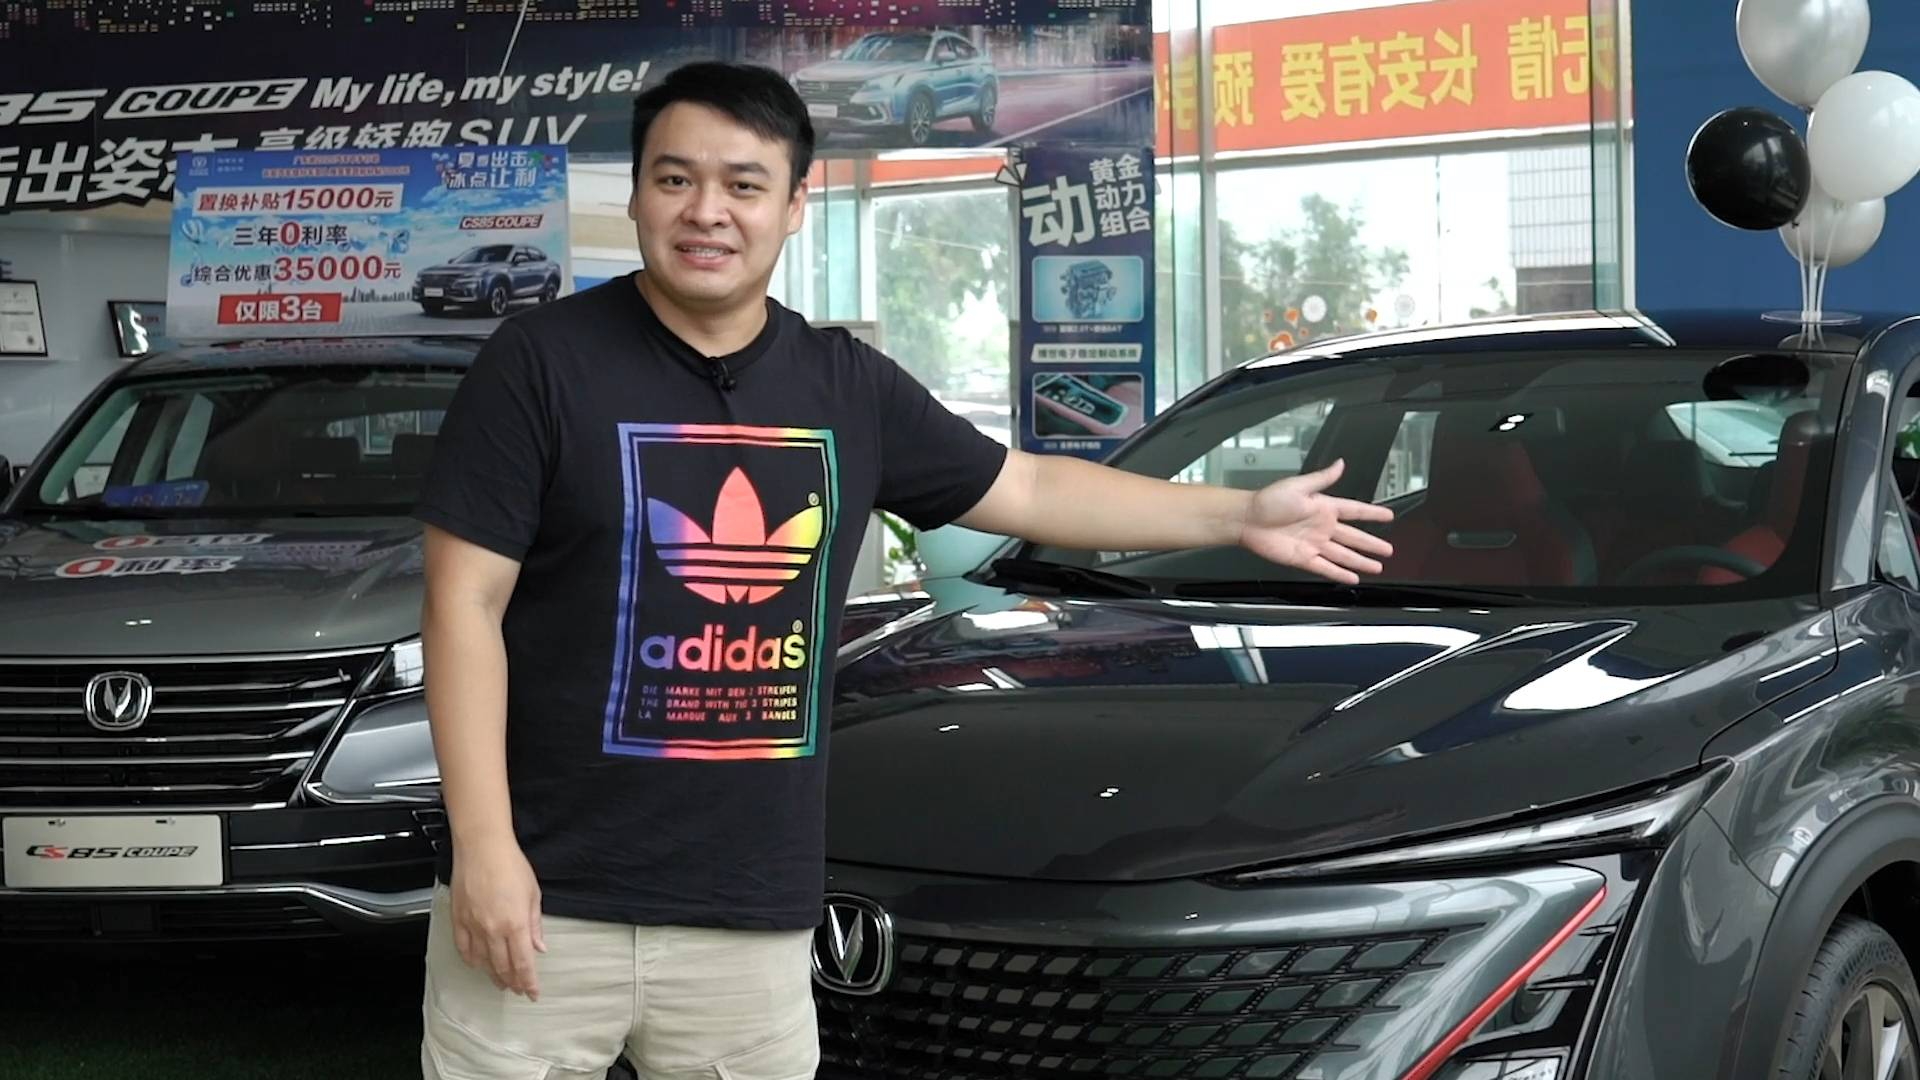 12万元的车优惠4万元,究竟是怎么做到的?